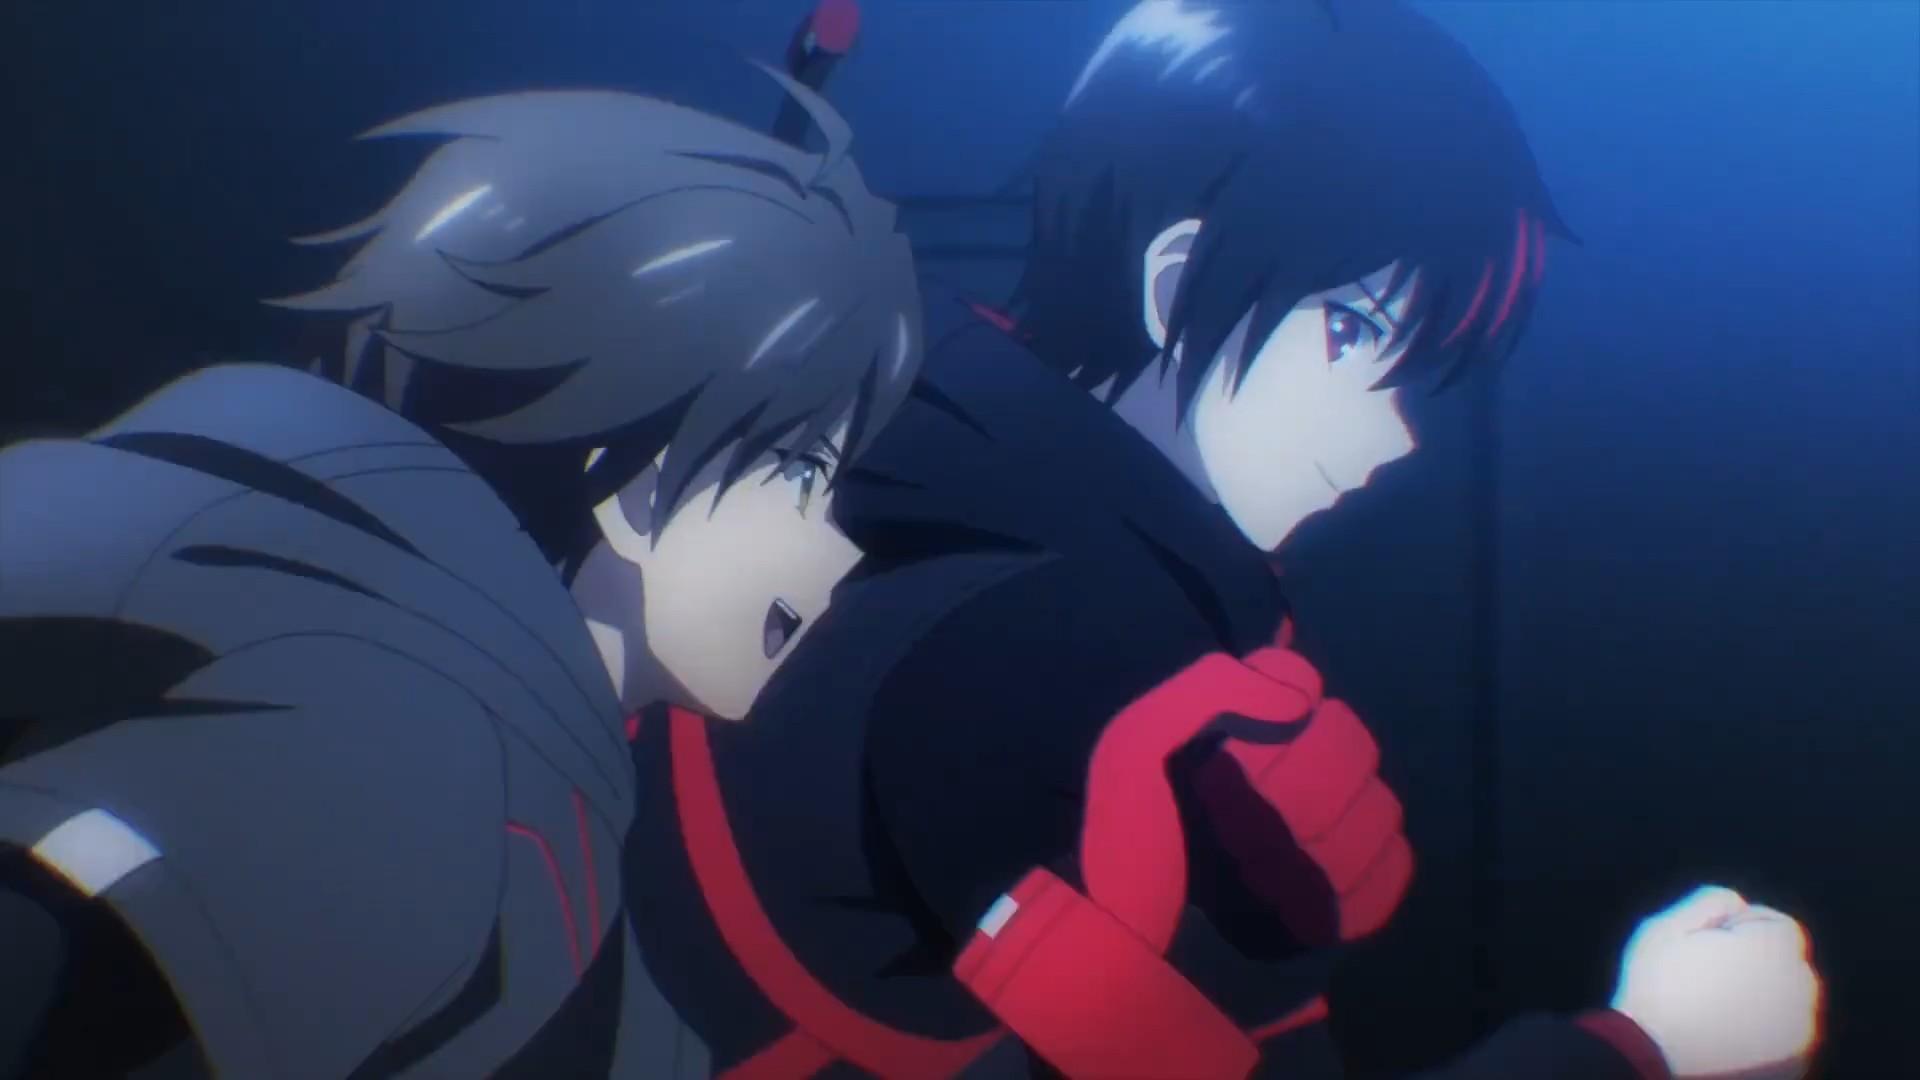 【动漫情报】TV动画《绯红结系》第2弹PV公开,2021年7月1日开播。